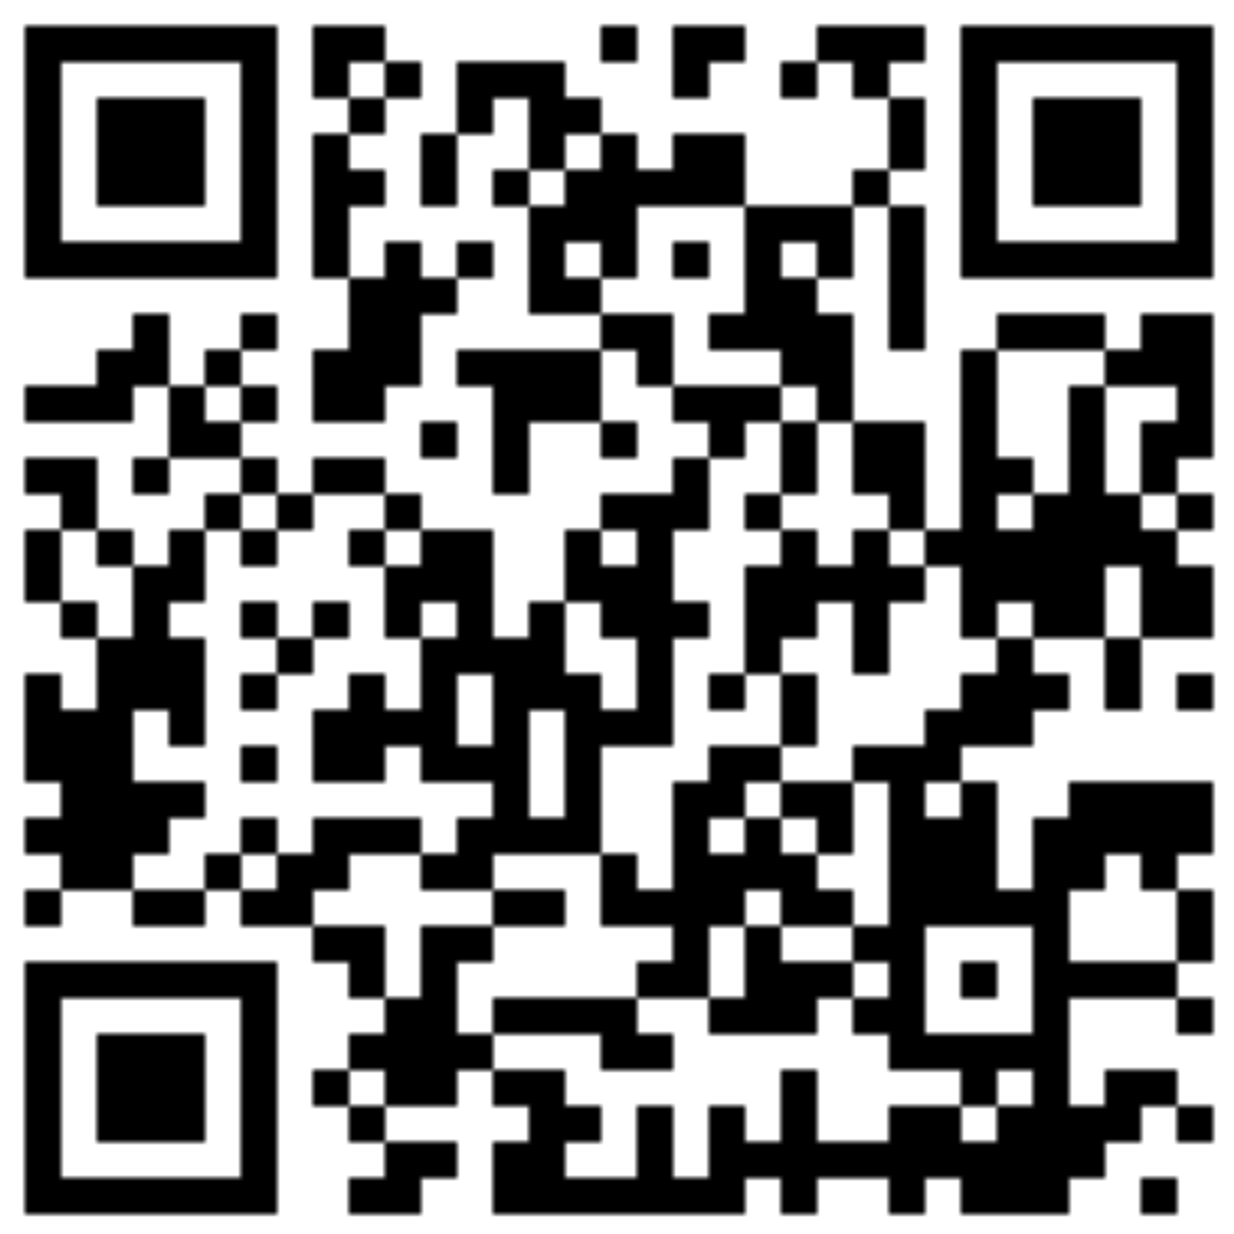 LINEアカウント伝統工芸インターン|ニッポン手仕事図鑑のQRコード